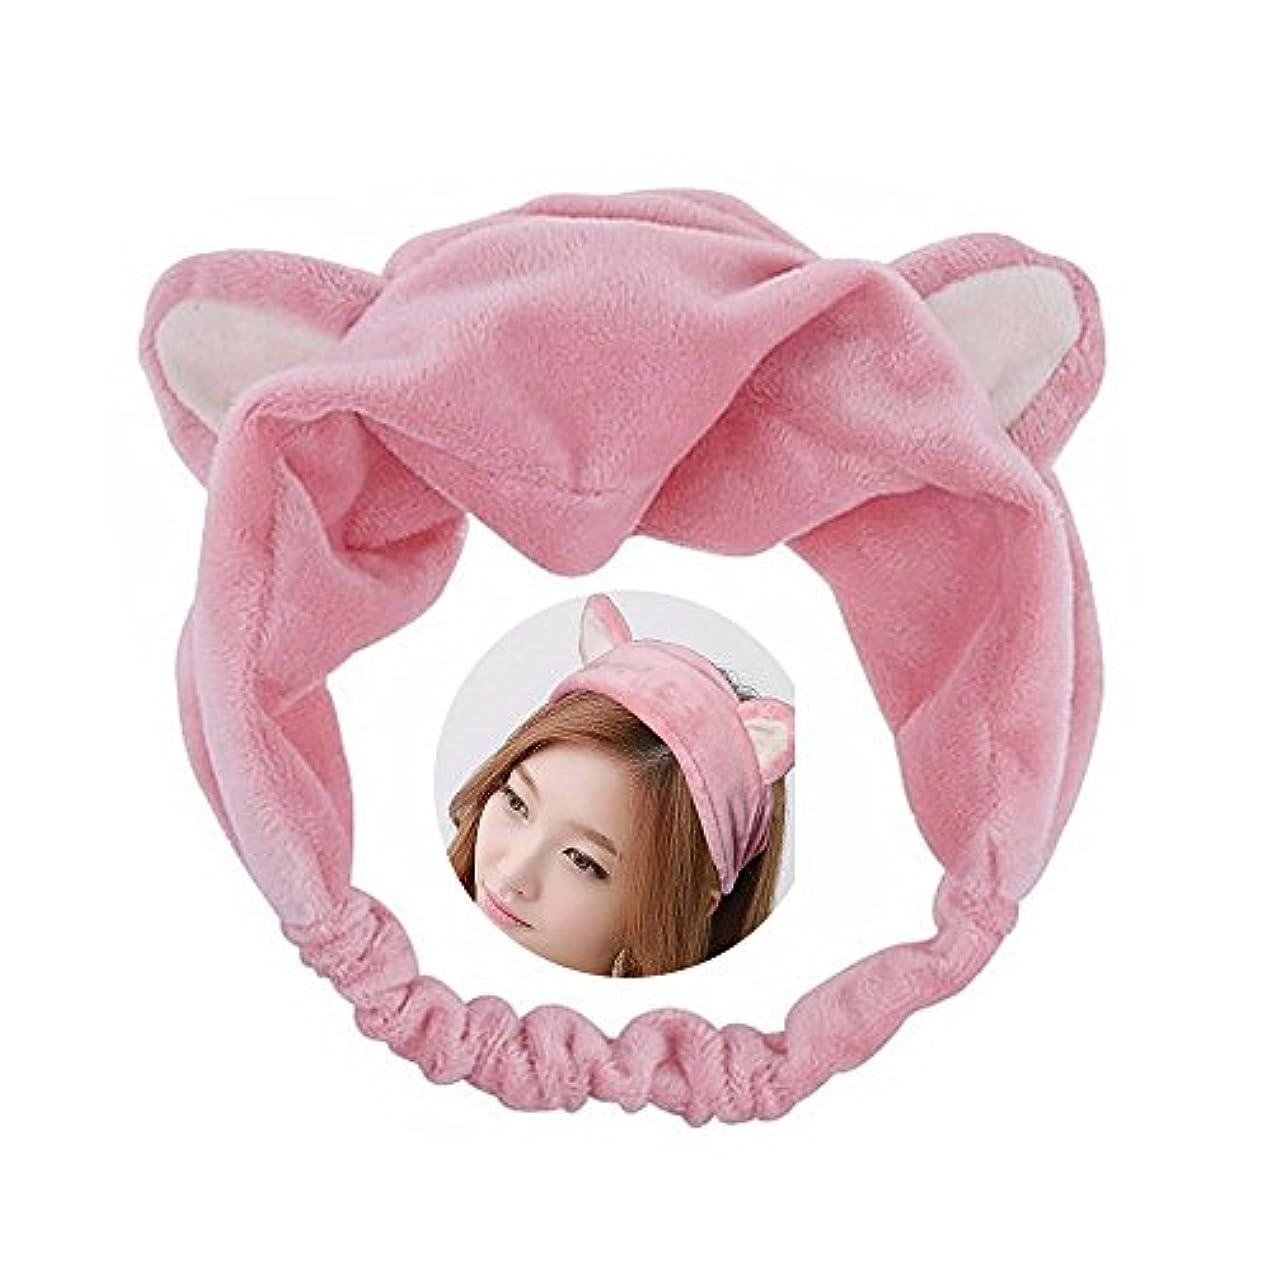 日没極めて重要な大砲可愛い 猫 耳 ヘアバンド メイク アップ フェイス マスク スポーツ カチューシャ 髪型 ピンク